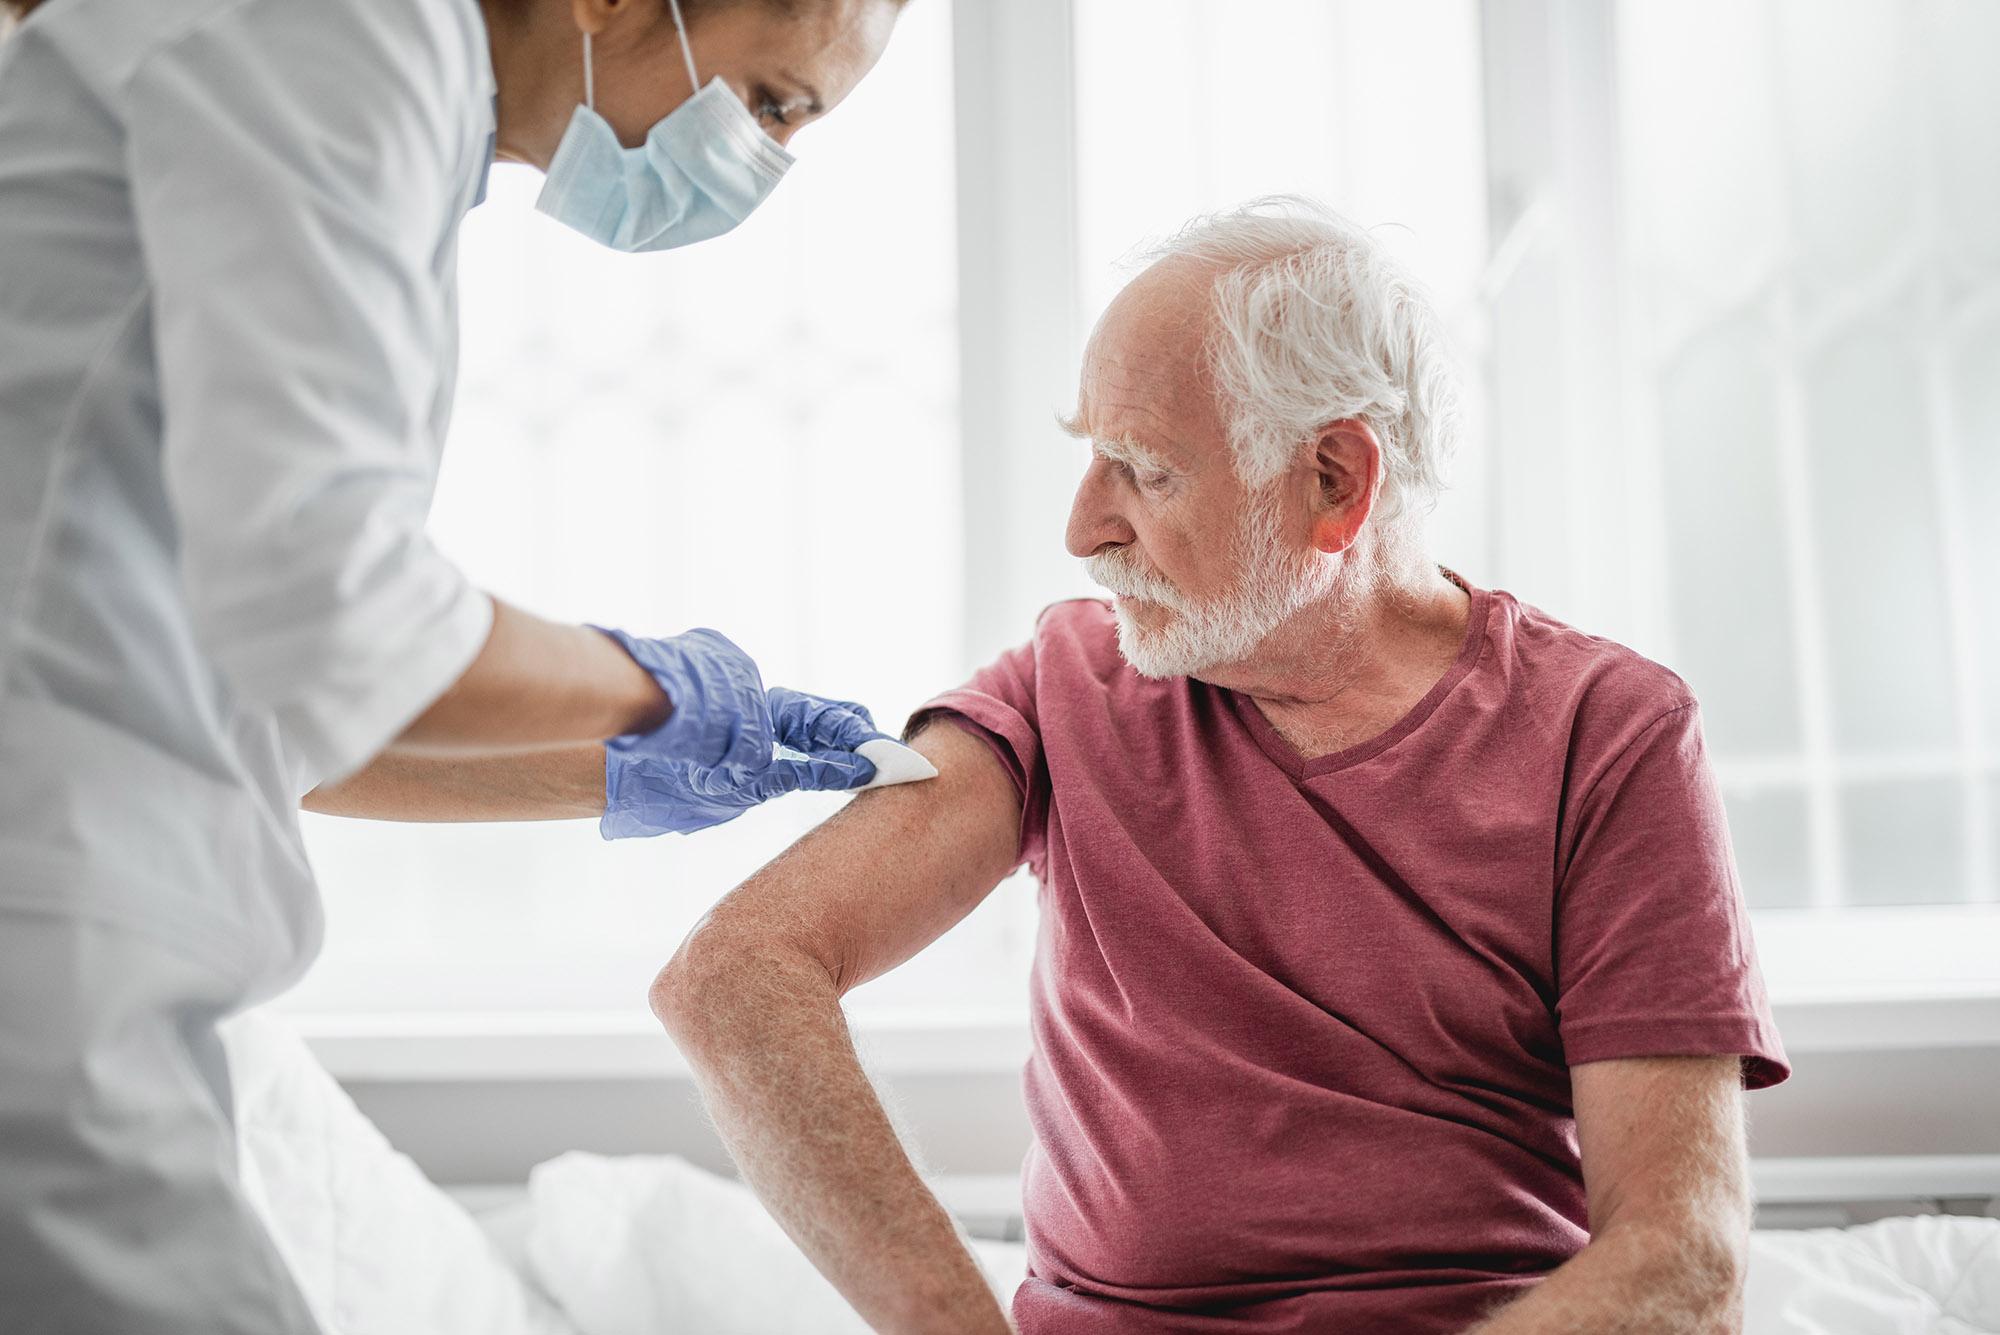 Ruszył nowy sposób rejestracji na szczepienia przeciwko koronawirusowi. Wystarczy wysłać SMS - Zdjęcie główne